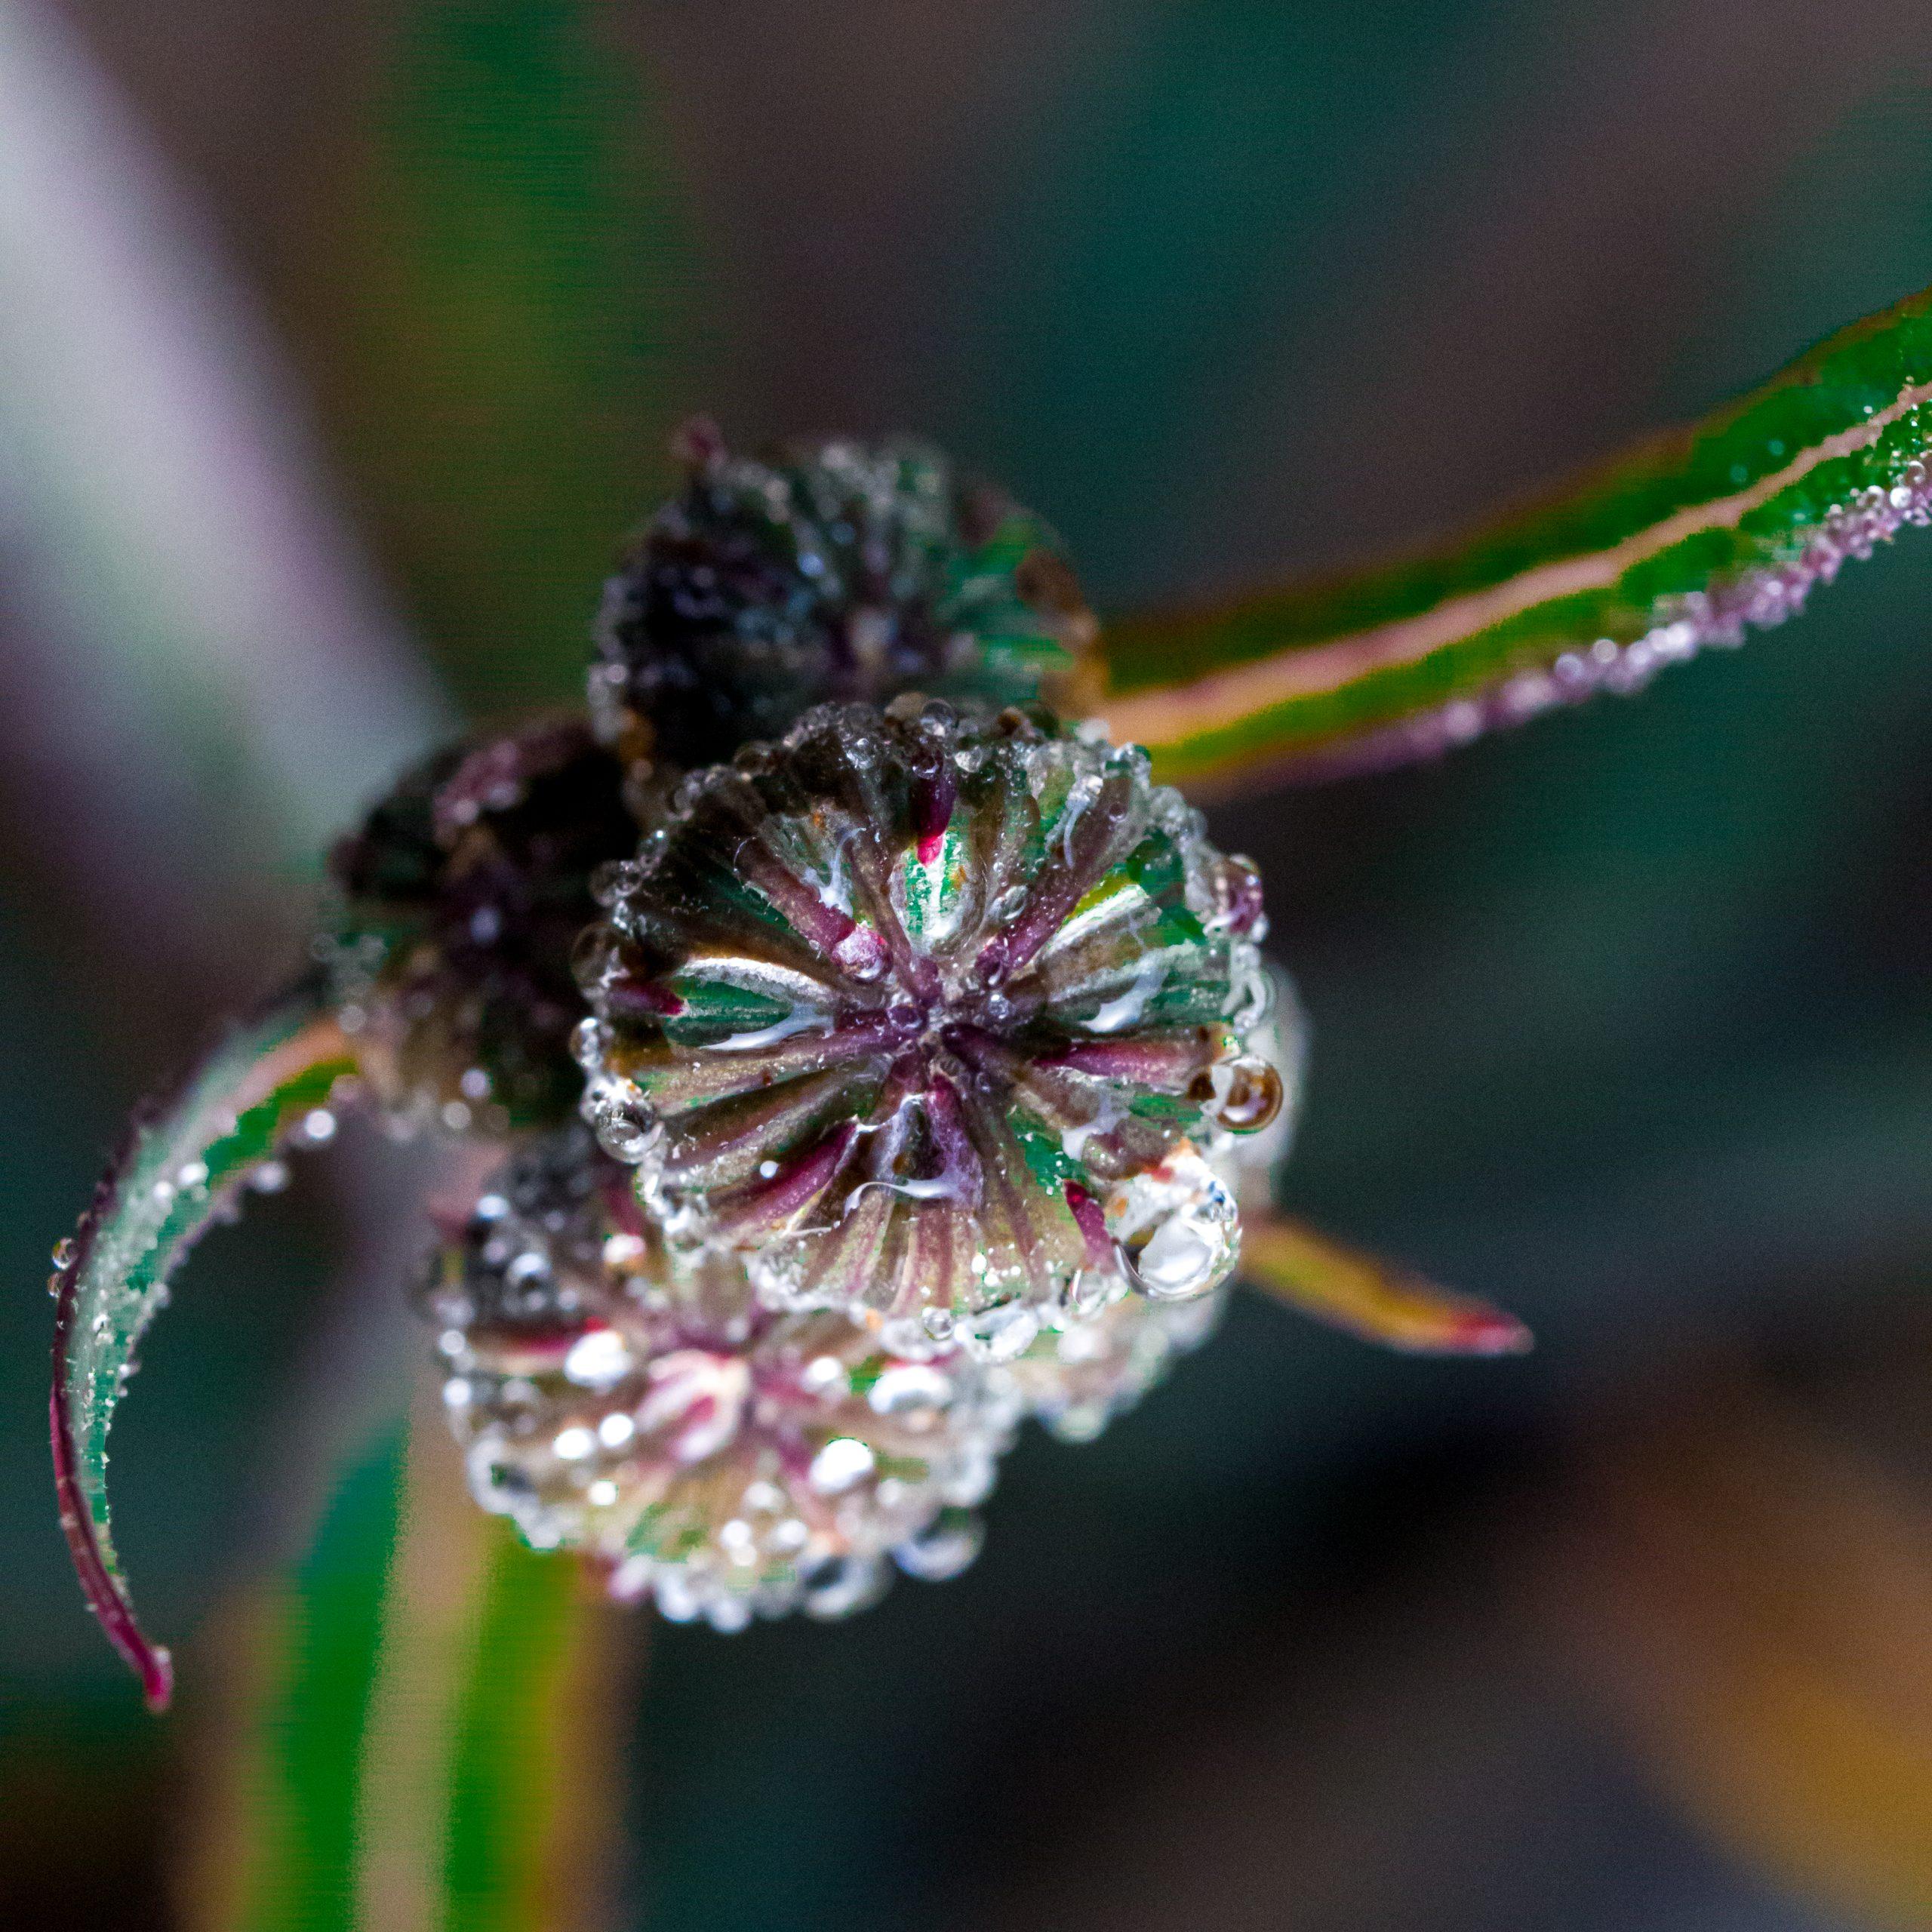 Dew drops on flowers